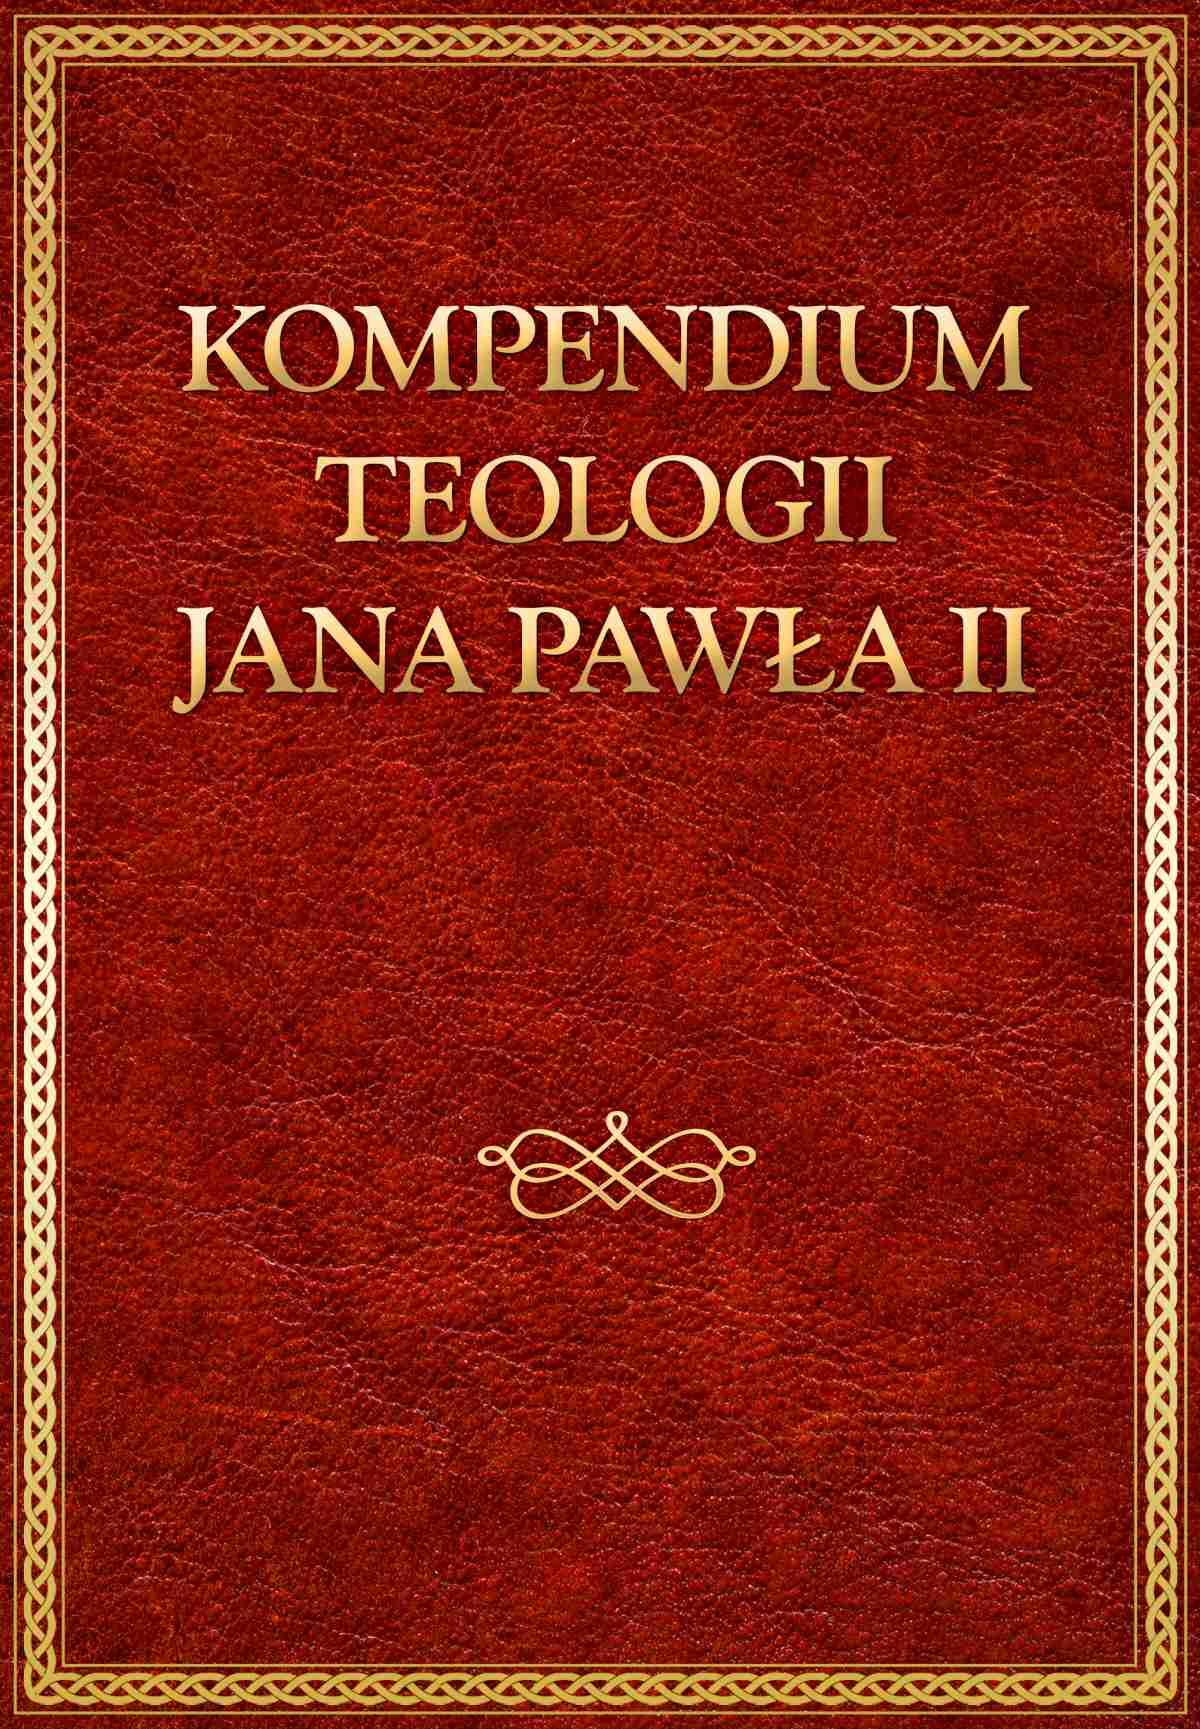 Kompendium teologii Jana Pawła II - Ebook (Książka na Kindle) do pobrania w formacie MOBI